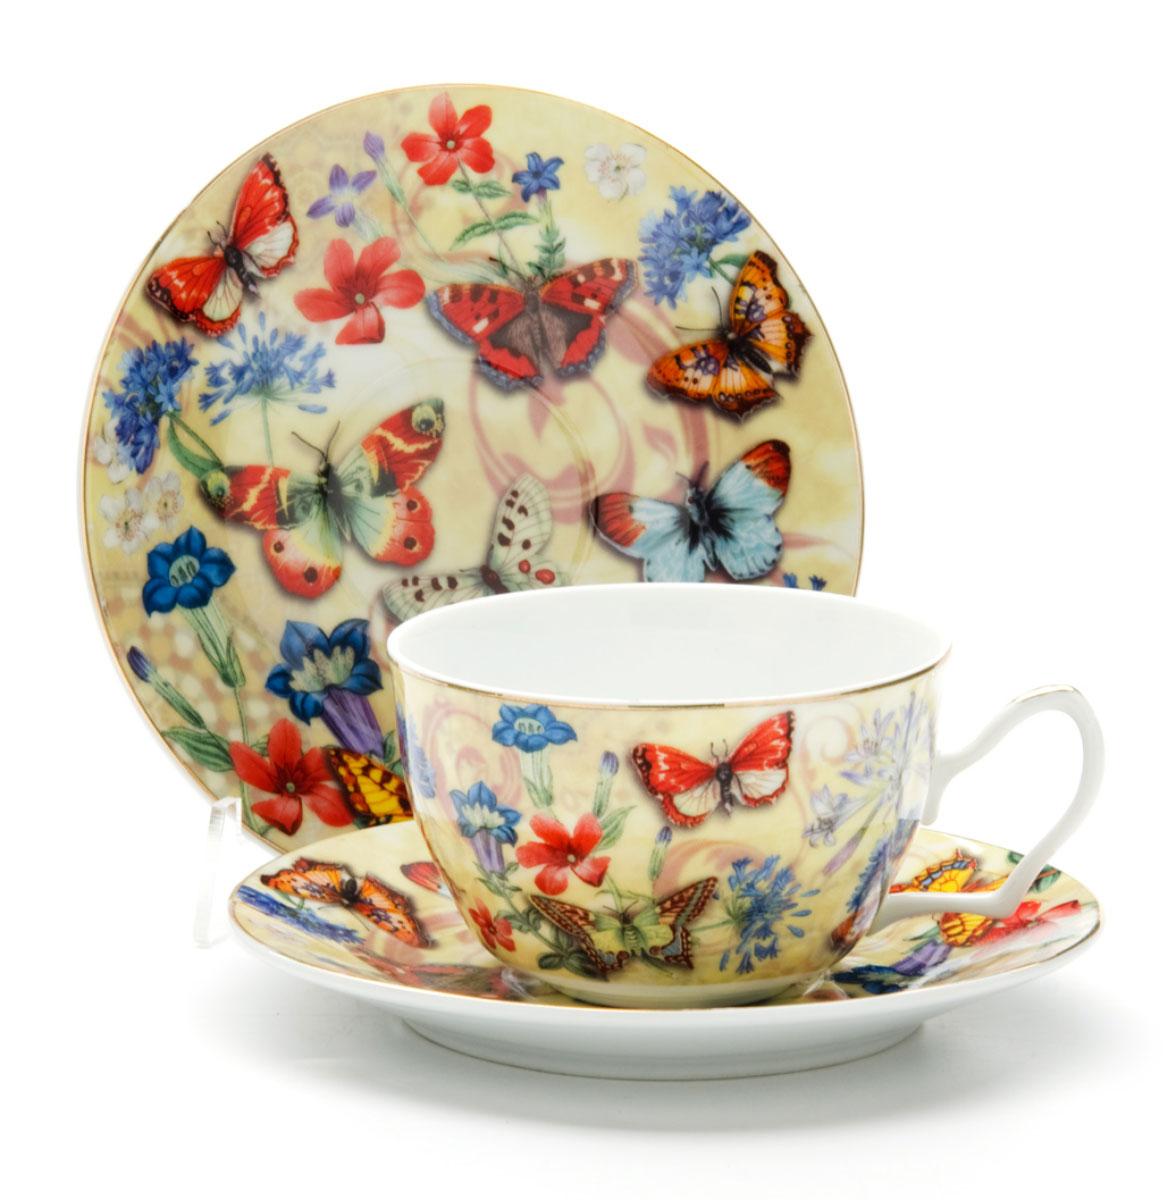 Чайная пара Loraine Бабочки, 250 мл, 2 предмета24587Этот чайный набор, выполненный из керамики, состоит из 1 чашки и 1 блюдца. Предметы набора оформлены ярким изображением БАБОЧКИ. Изящный дизайн и красочность оформления придутся по вкусу и ценителям классики, и тем, кто предпочитает утонченность и изысканность. Чайная пара- идеальный и необходимый подарок для вашего дома и для ваших друзей в праздники, юбилеи и торжества! Он также станет отличным корпоративным подарком и украшением любой кухни. Чайная пара упакована в подарочную коробку из плотного цветного картона. Внутренняя часть коробки задрапирована белым атласом.